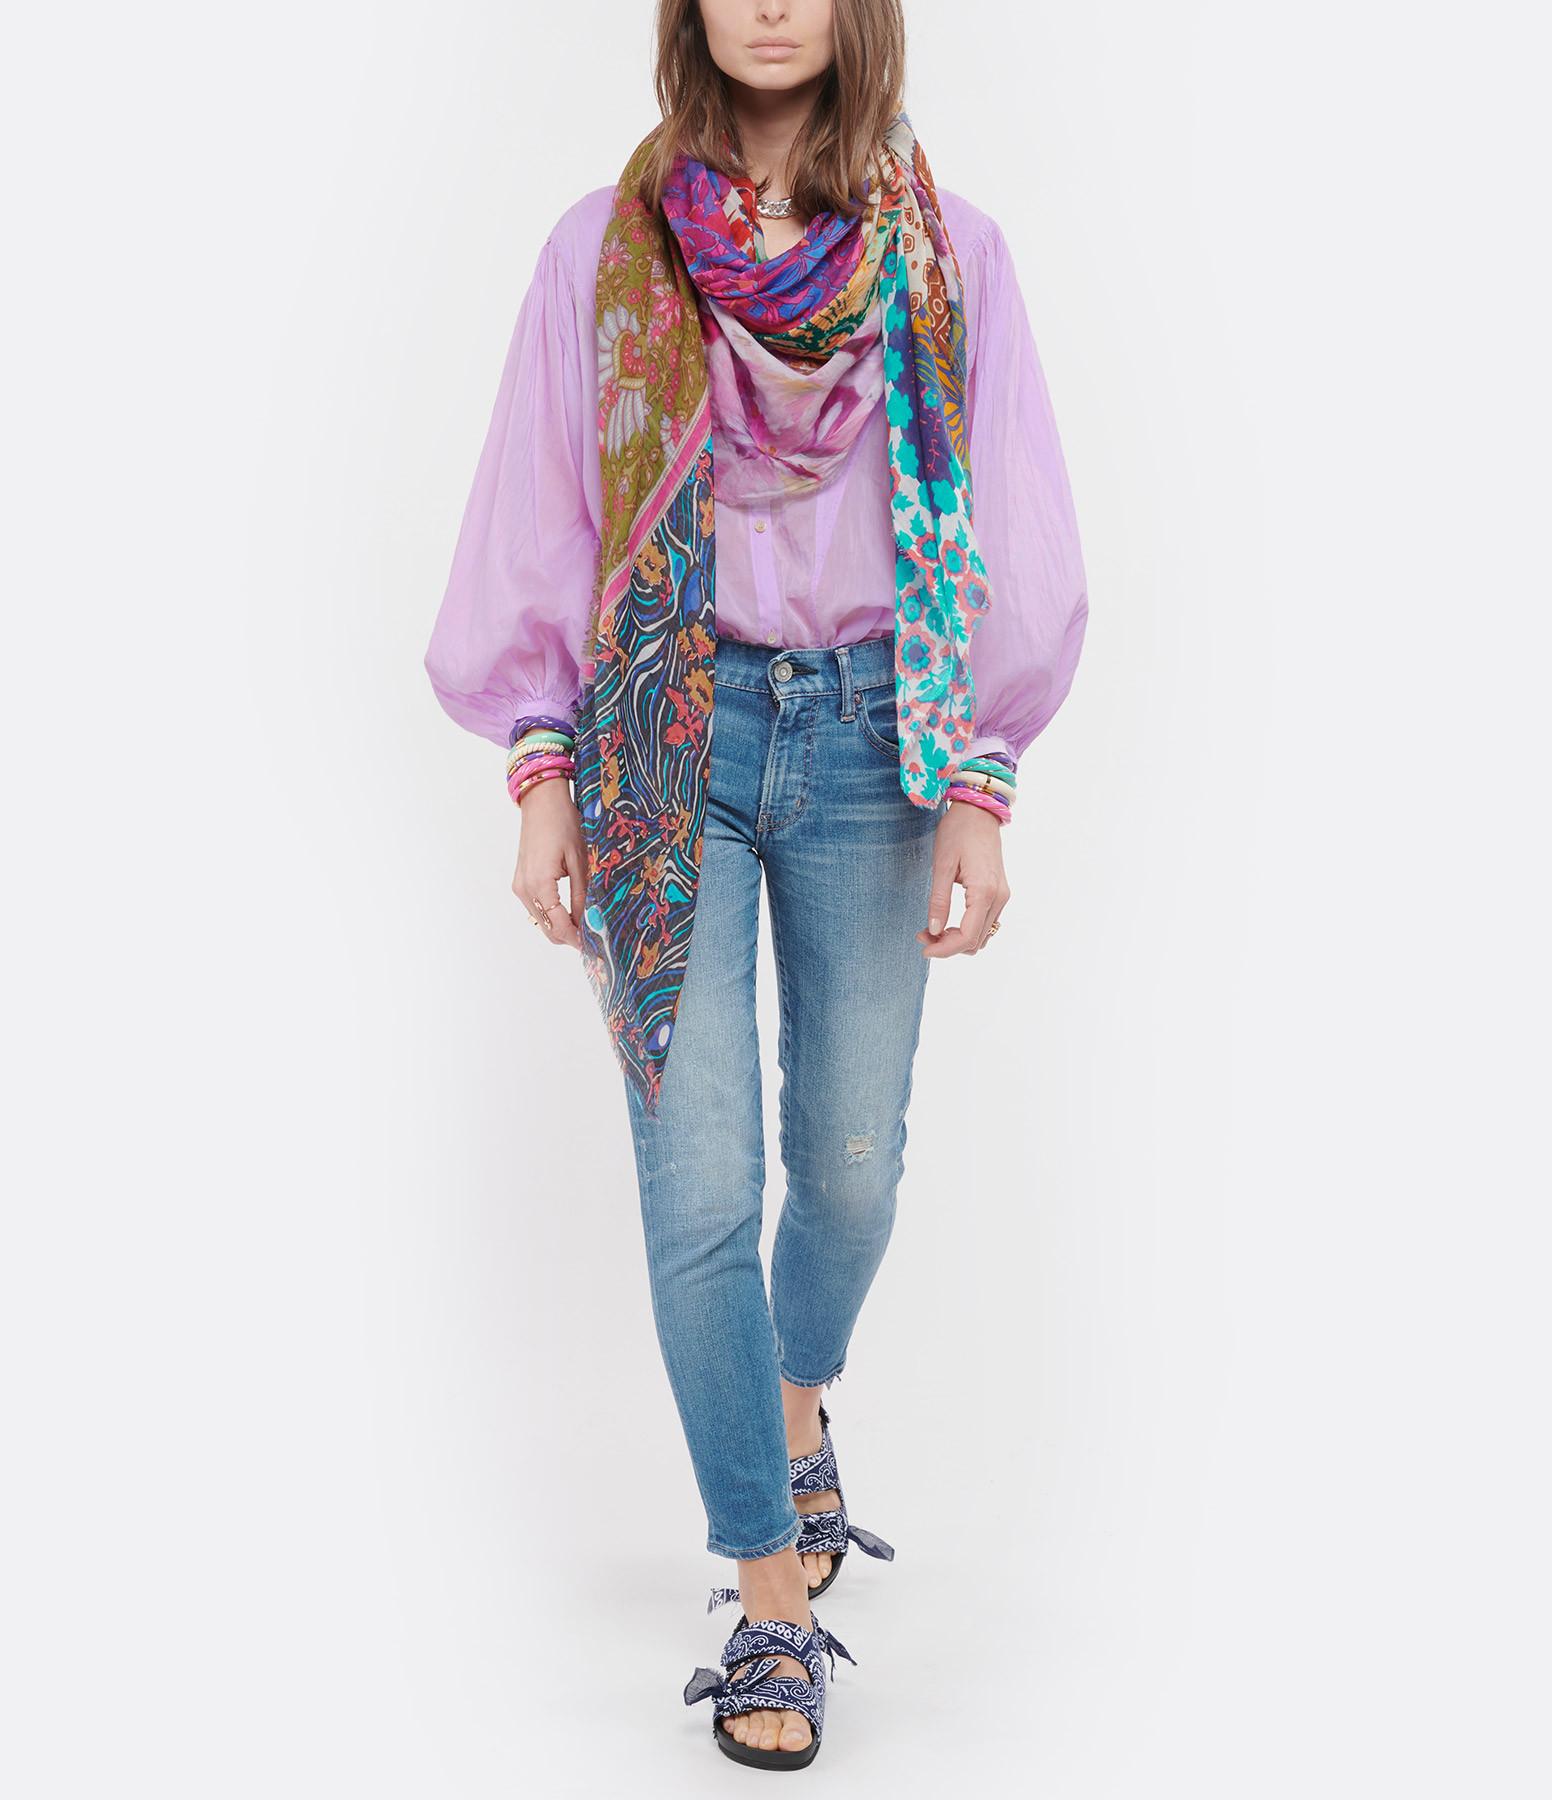 FALIERO SARTI - Foulard  Meraviglia Coton Imprimé Multicolore